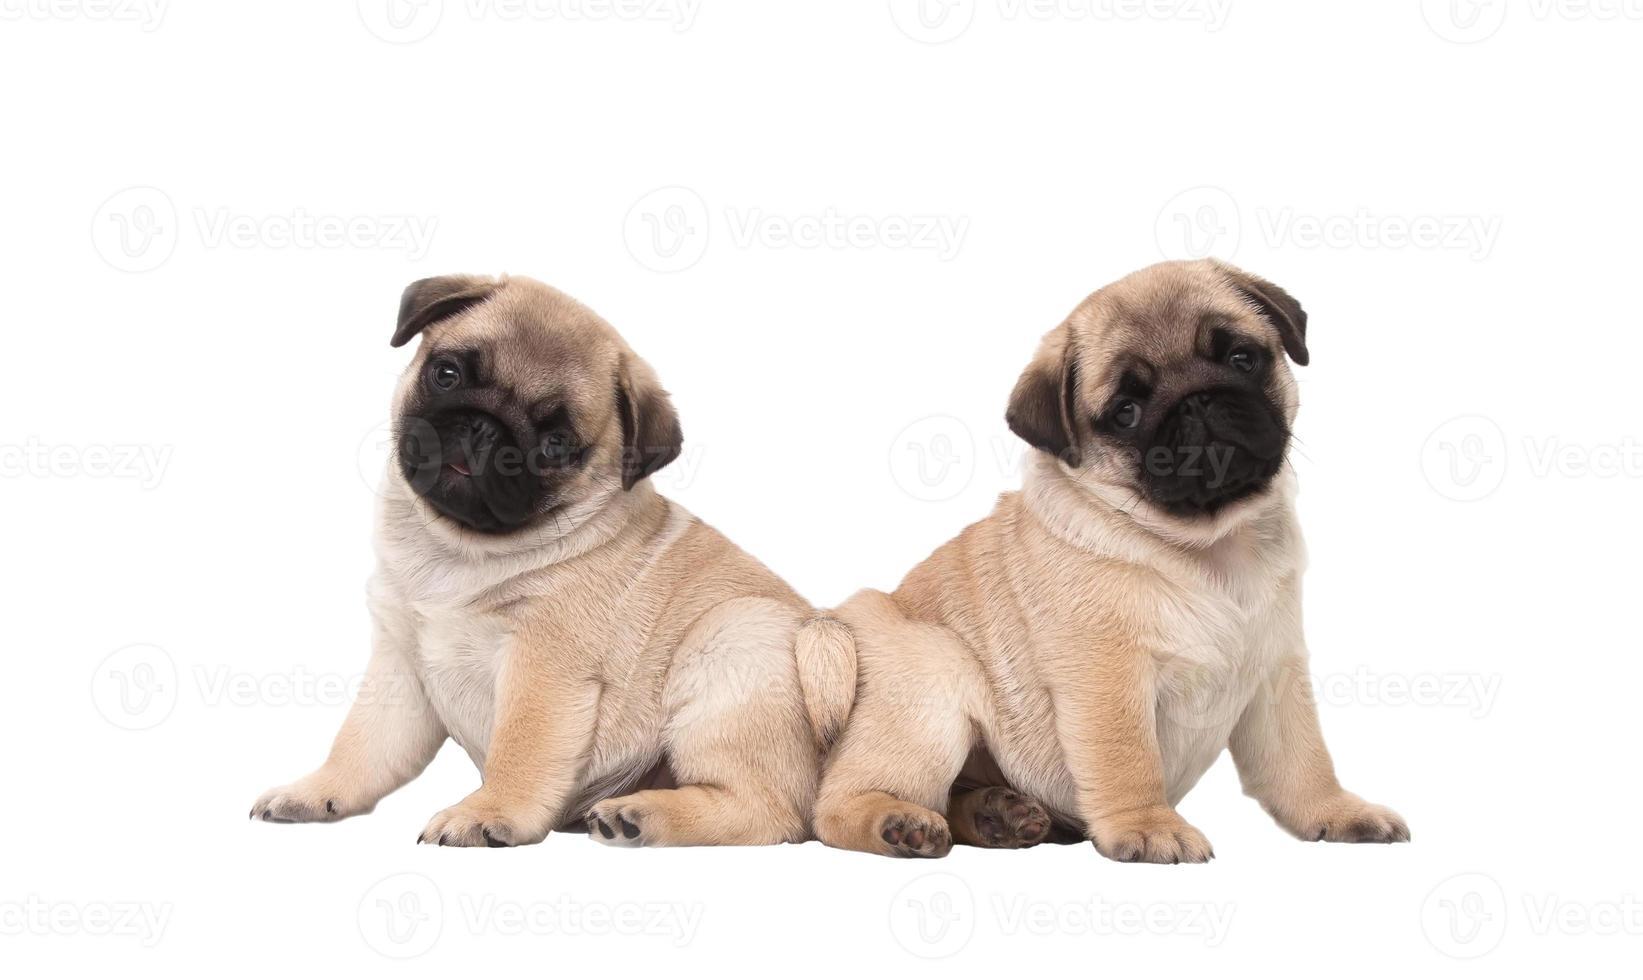 twee pug puppy geïsoleerd op een witte achtergrond foto